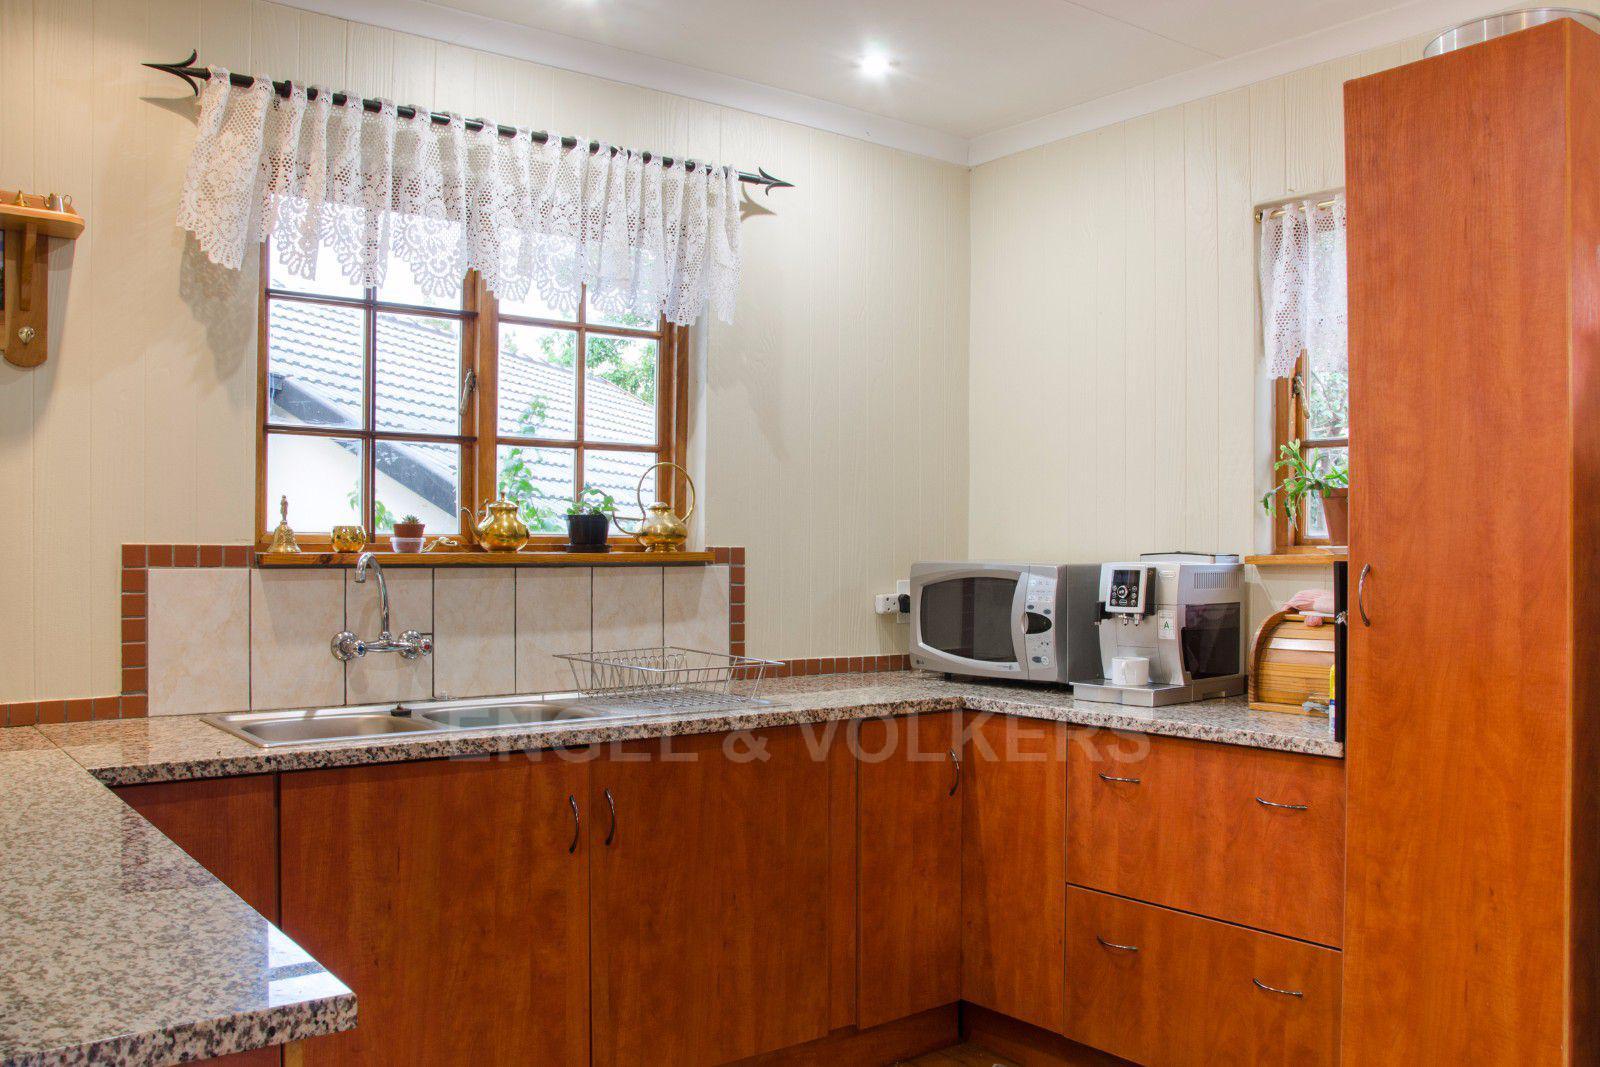 Constantia Park property for sale. Ref No: 13401985. Picture no 18